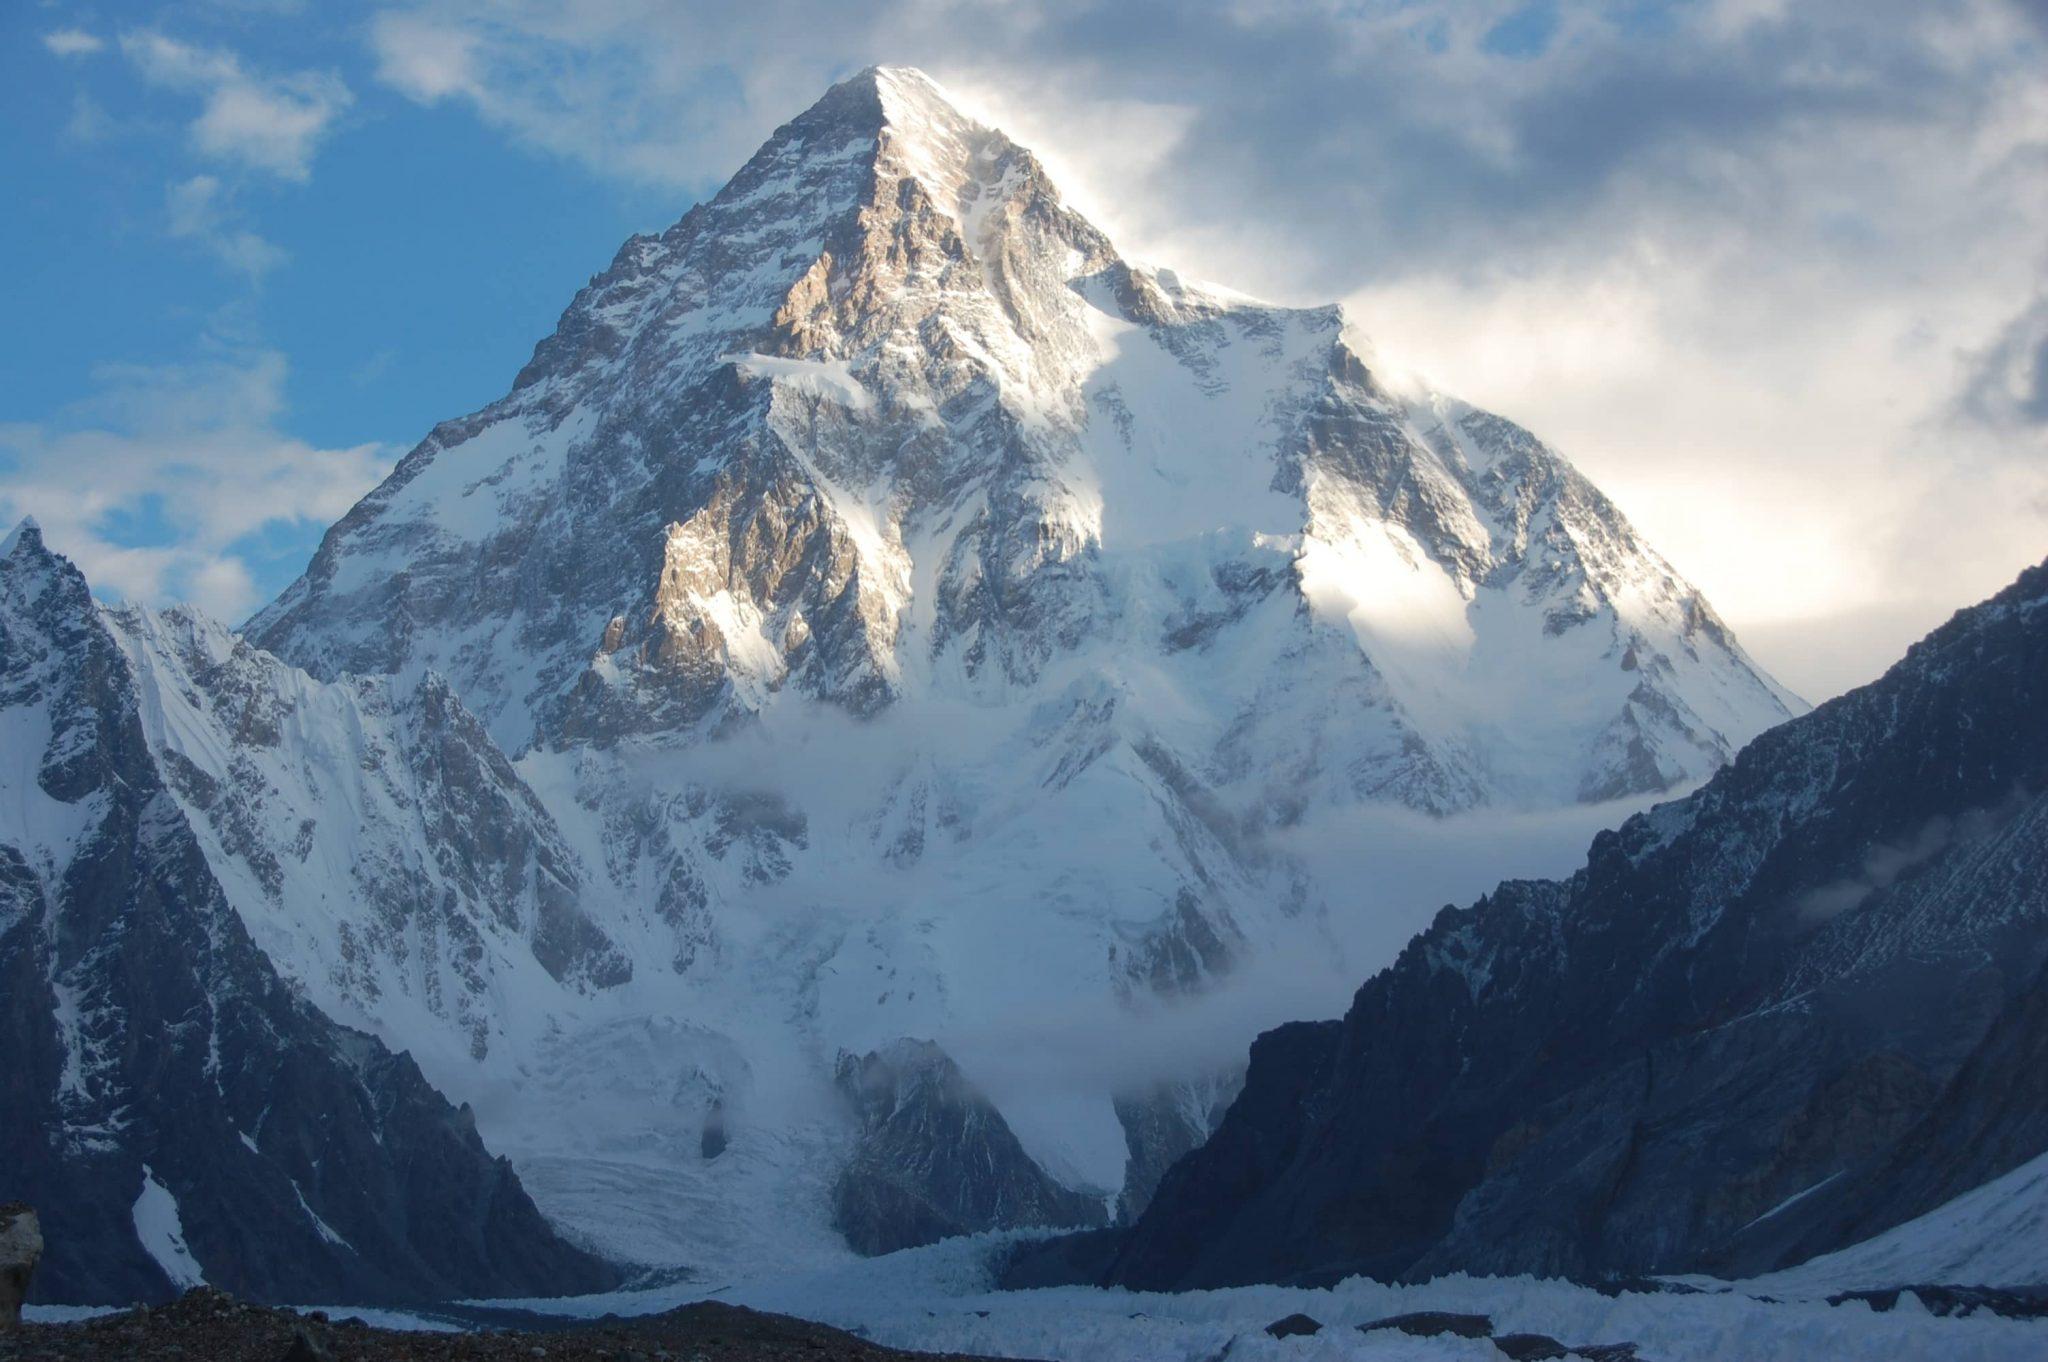 k2, una de las montañas más grandes y espectaculares del mundo